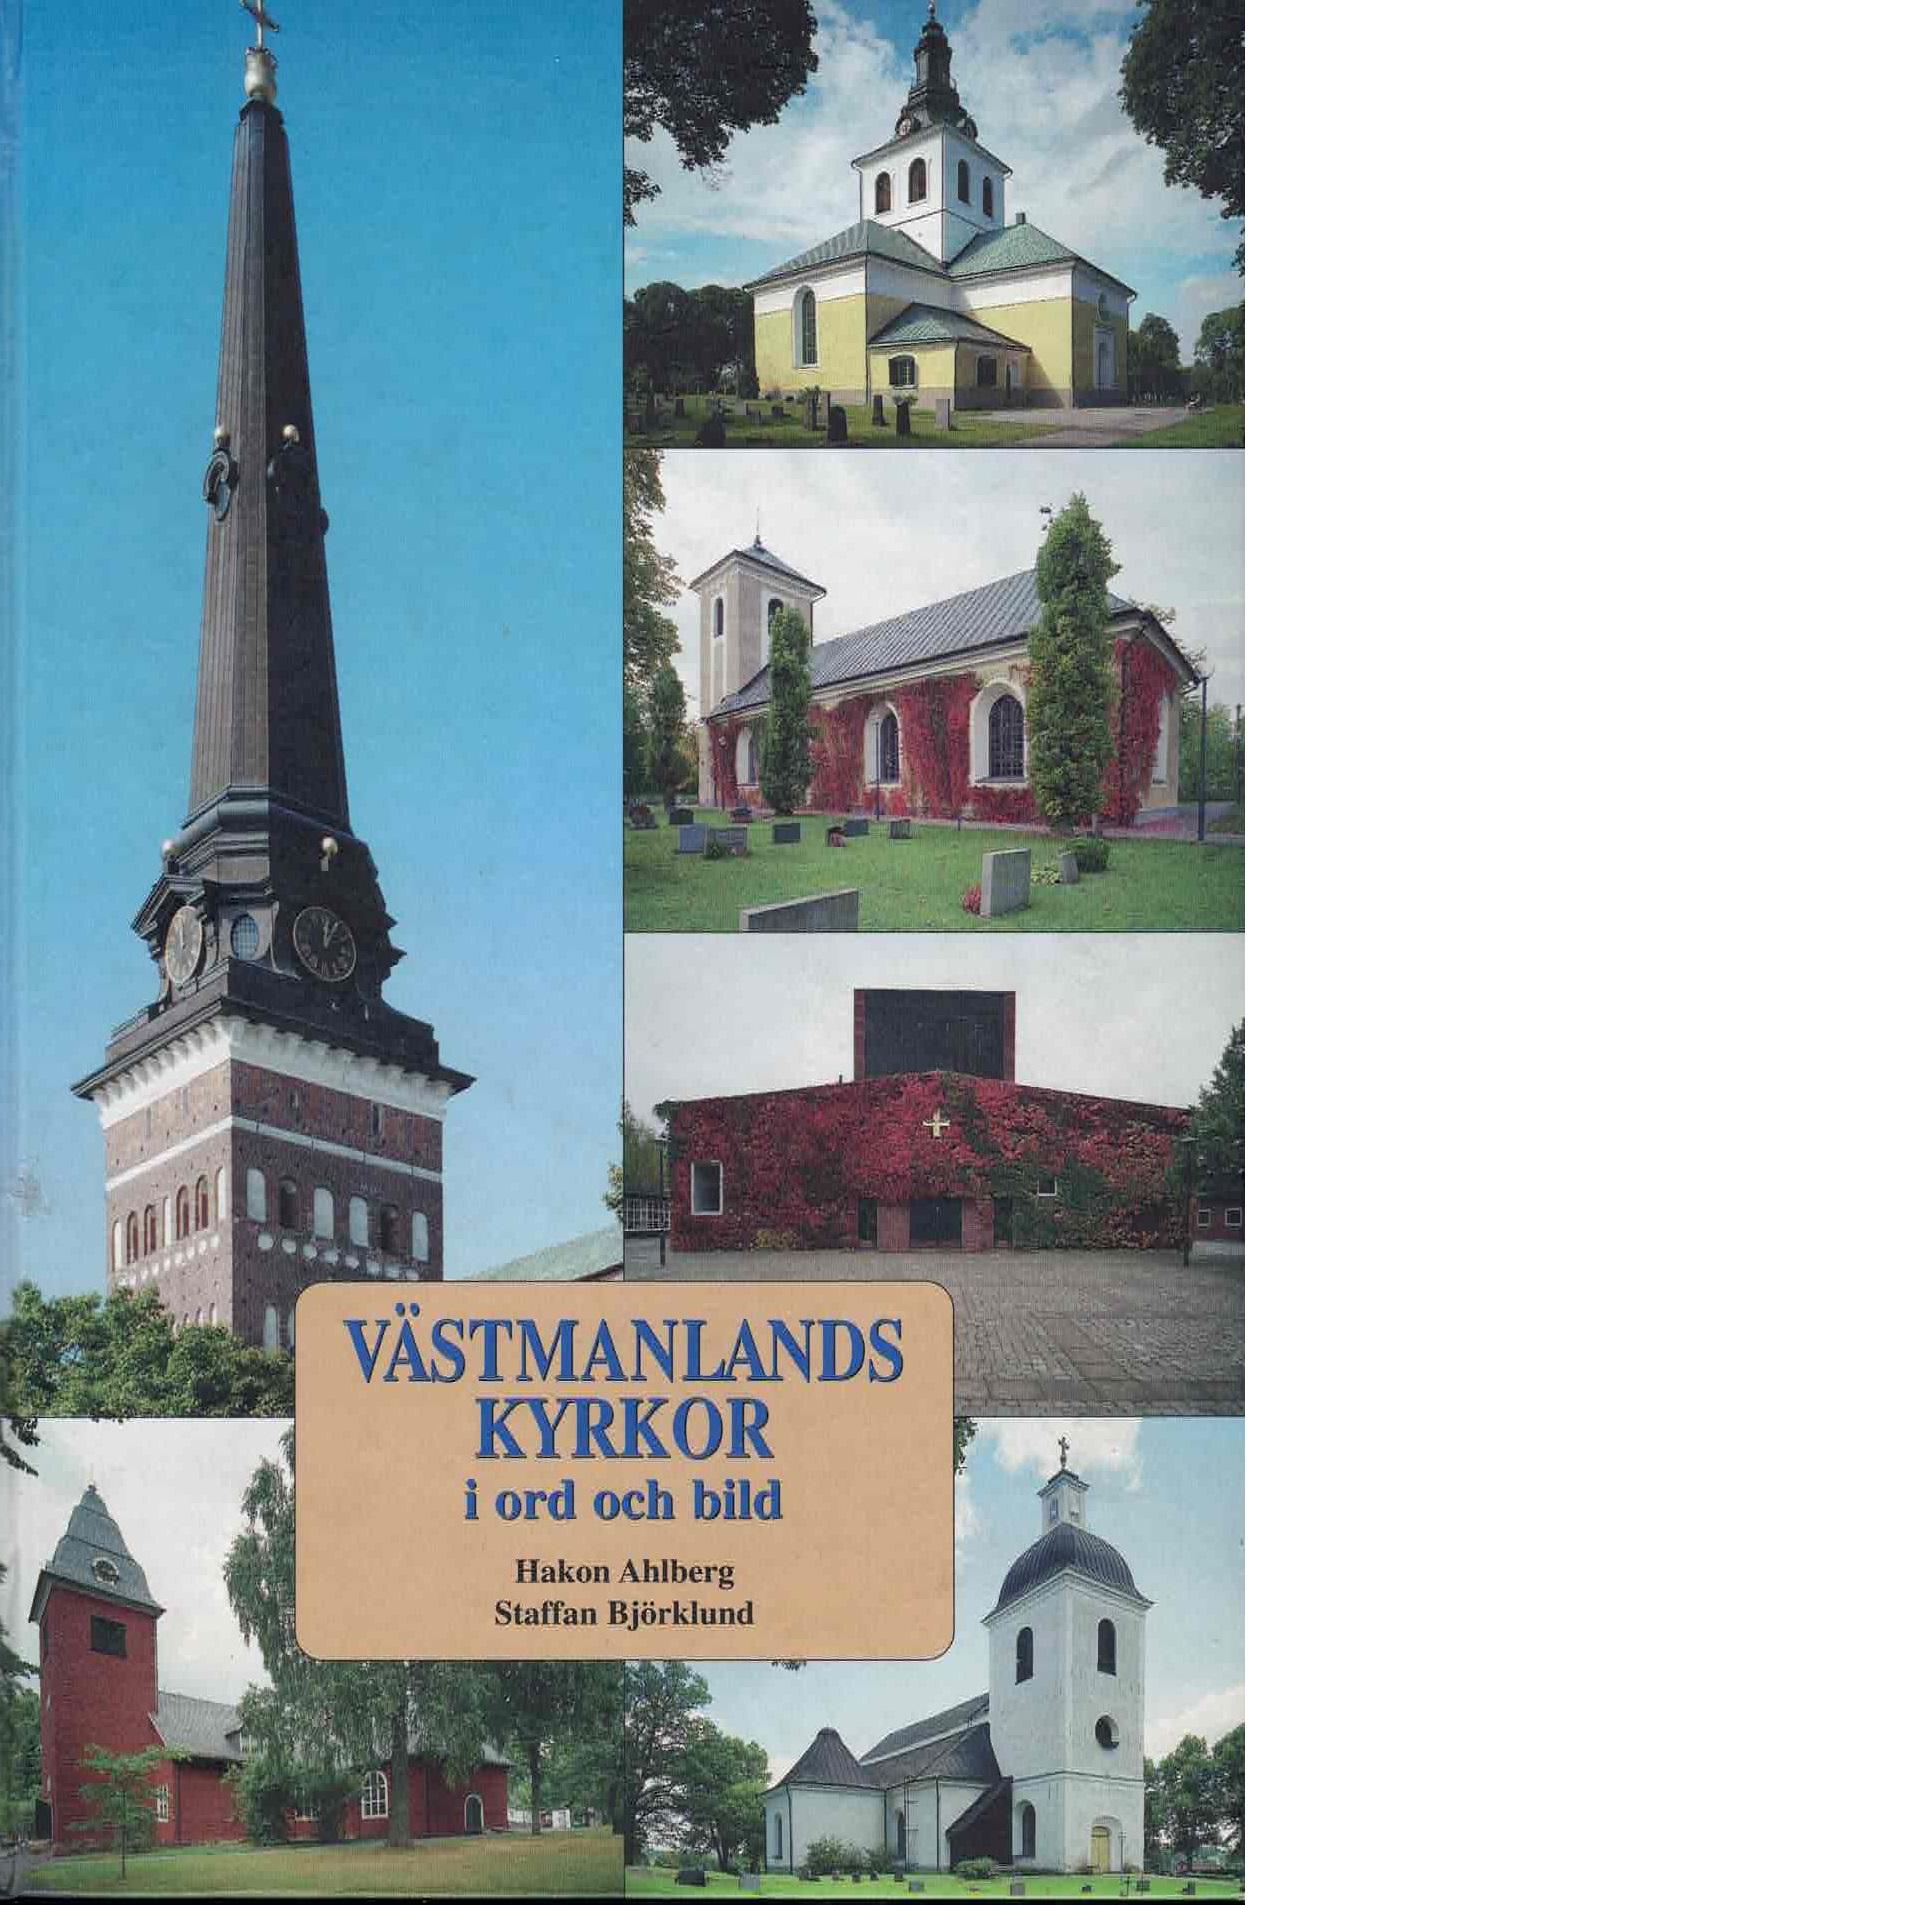 Västmanlands kyrkor i ord och bild - Ahlberg, Hakon och Björklund, Staffan